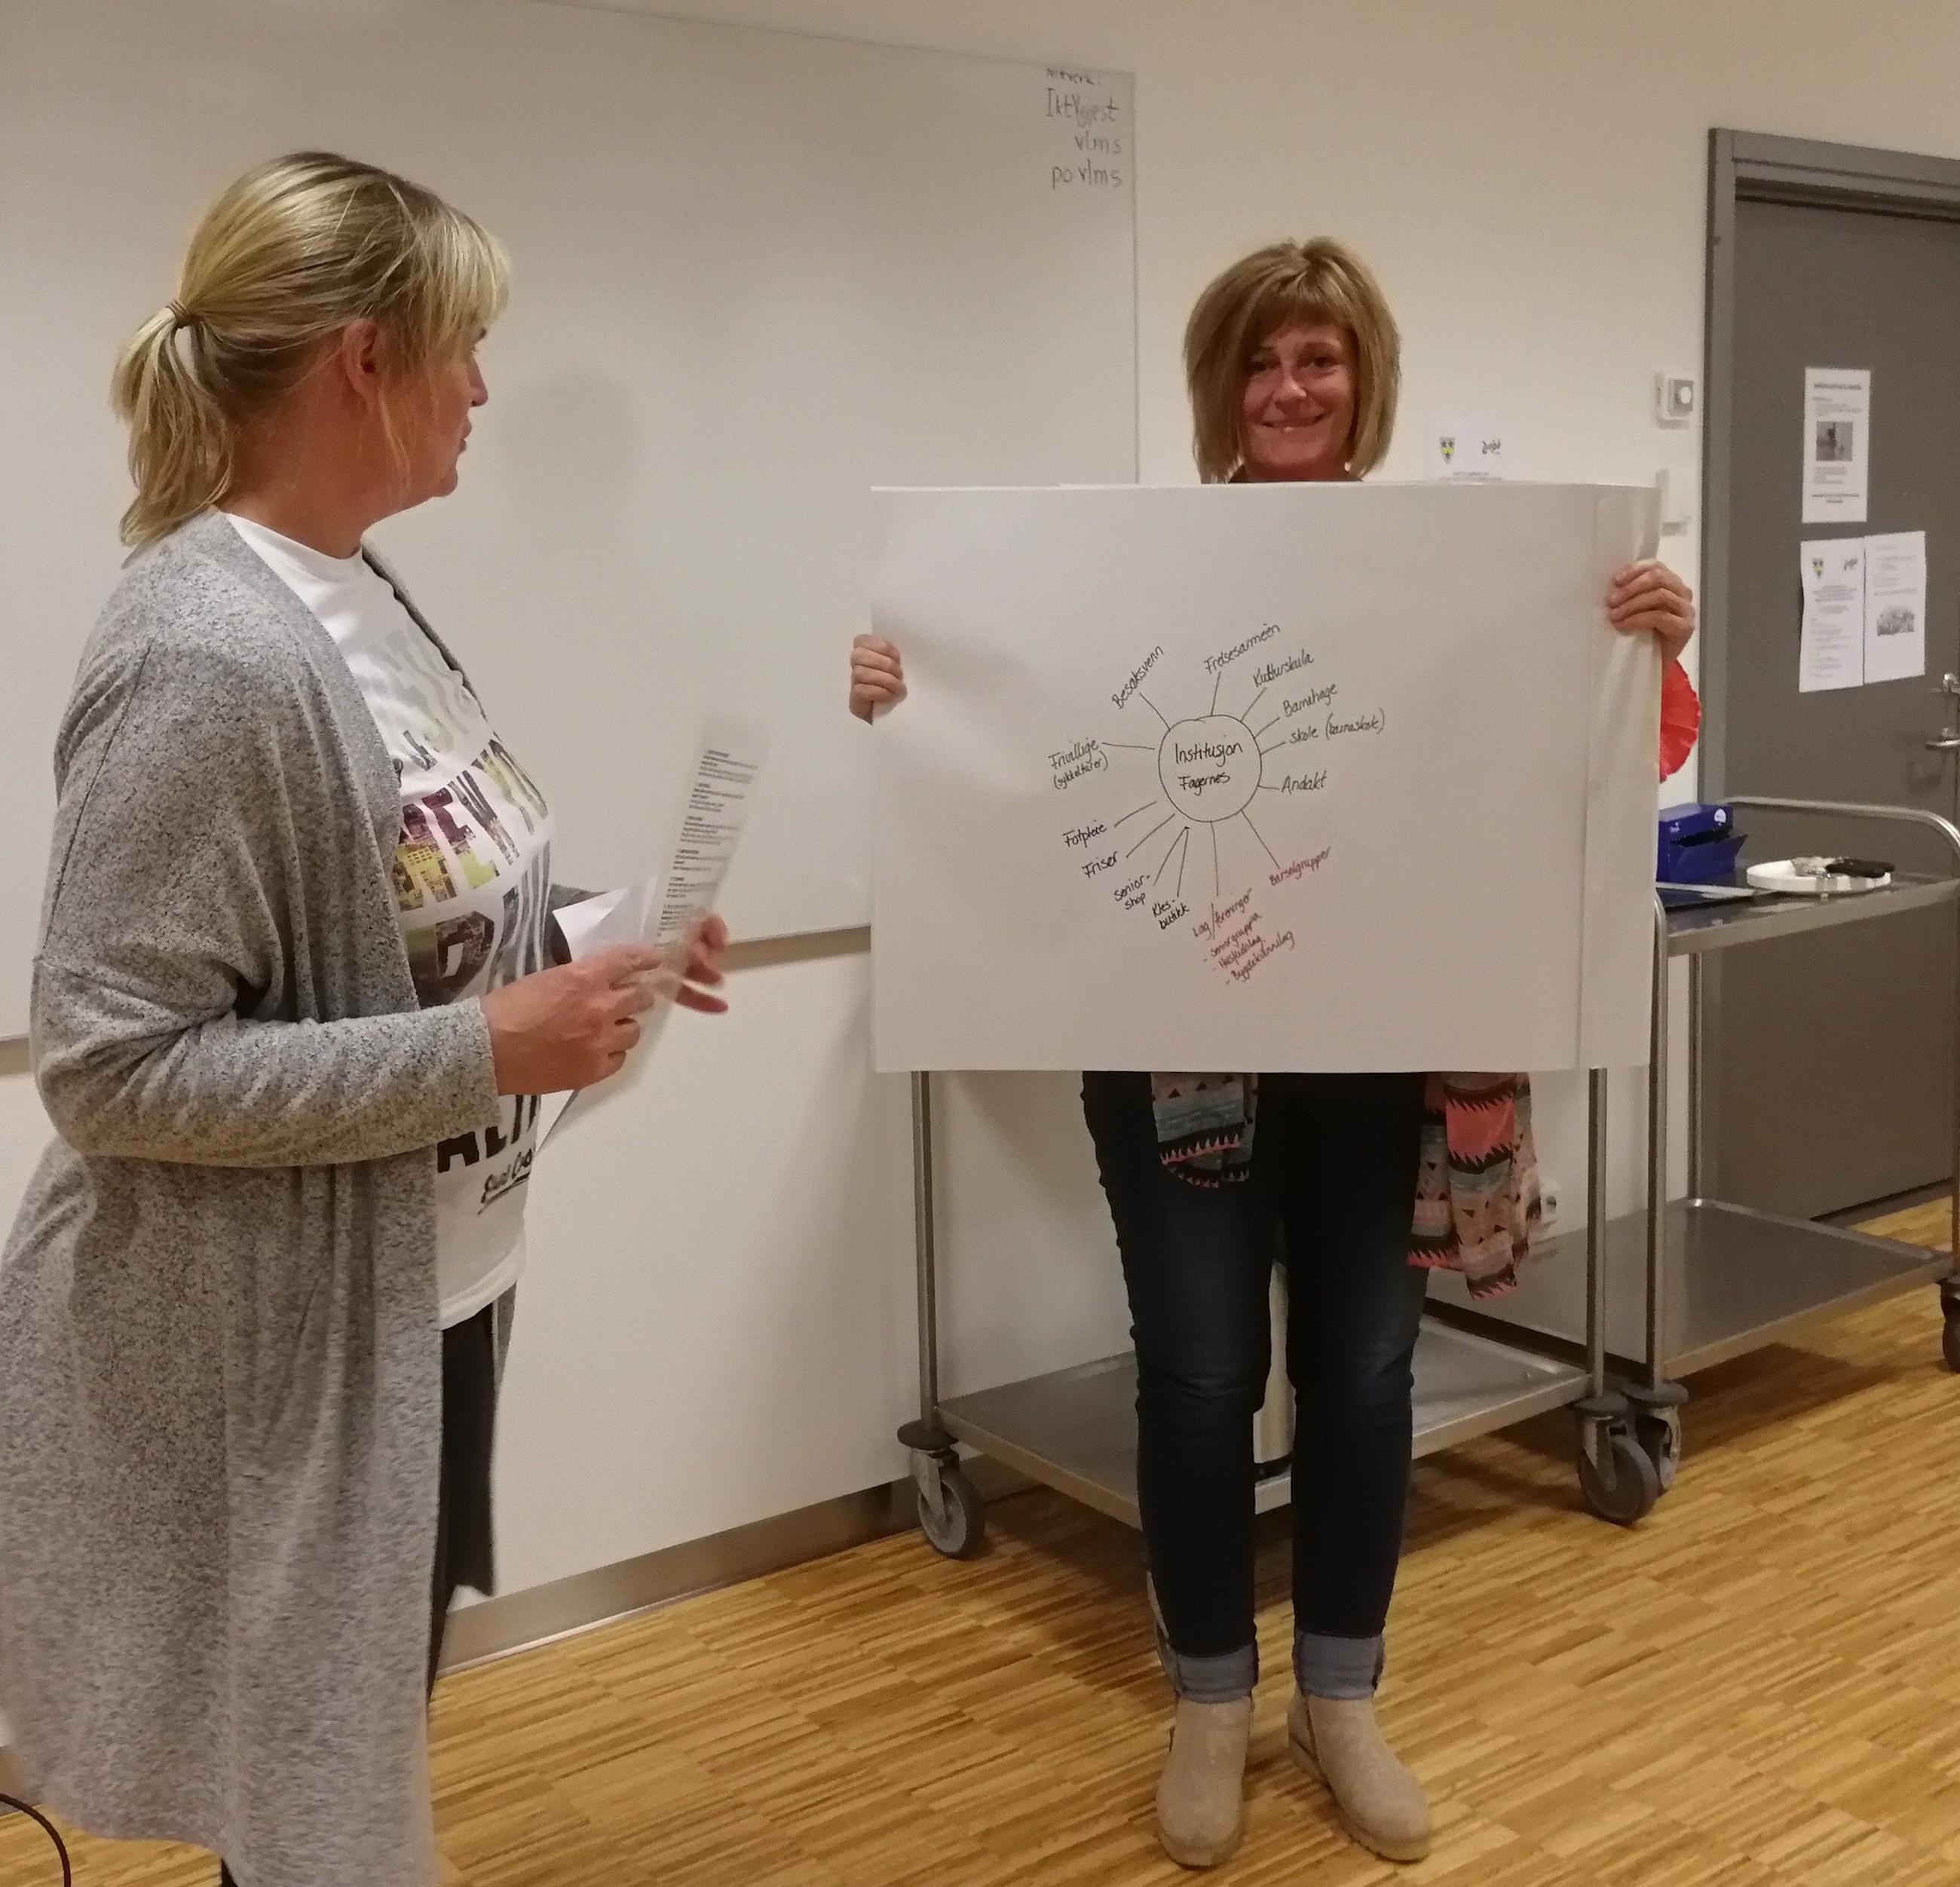 Kartlegging av nærmiljøet på Fagernes presenteres i plenum av ansatte.